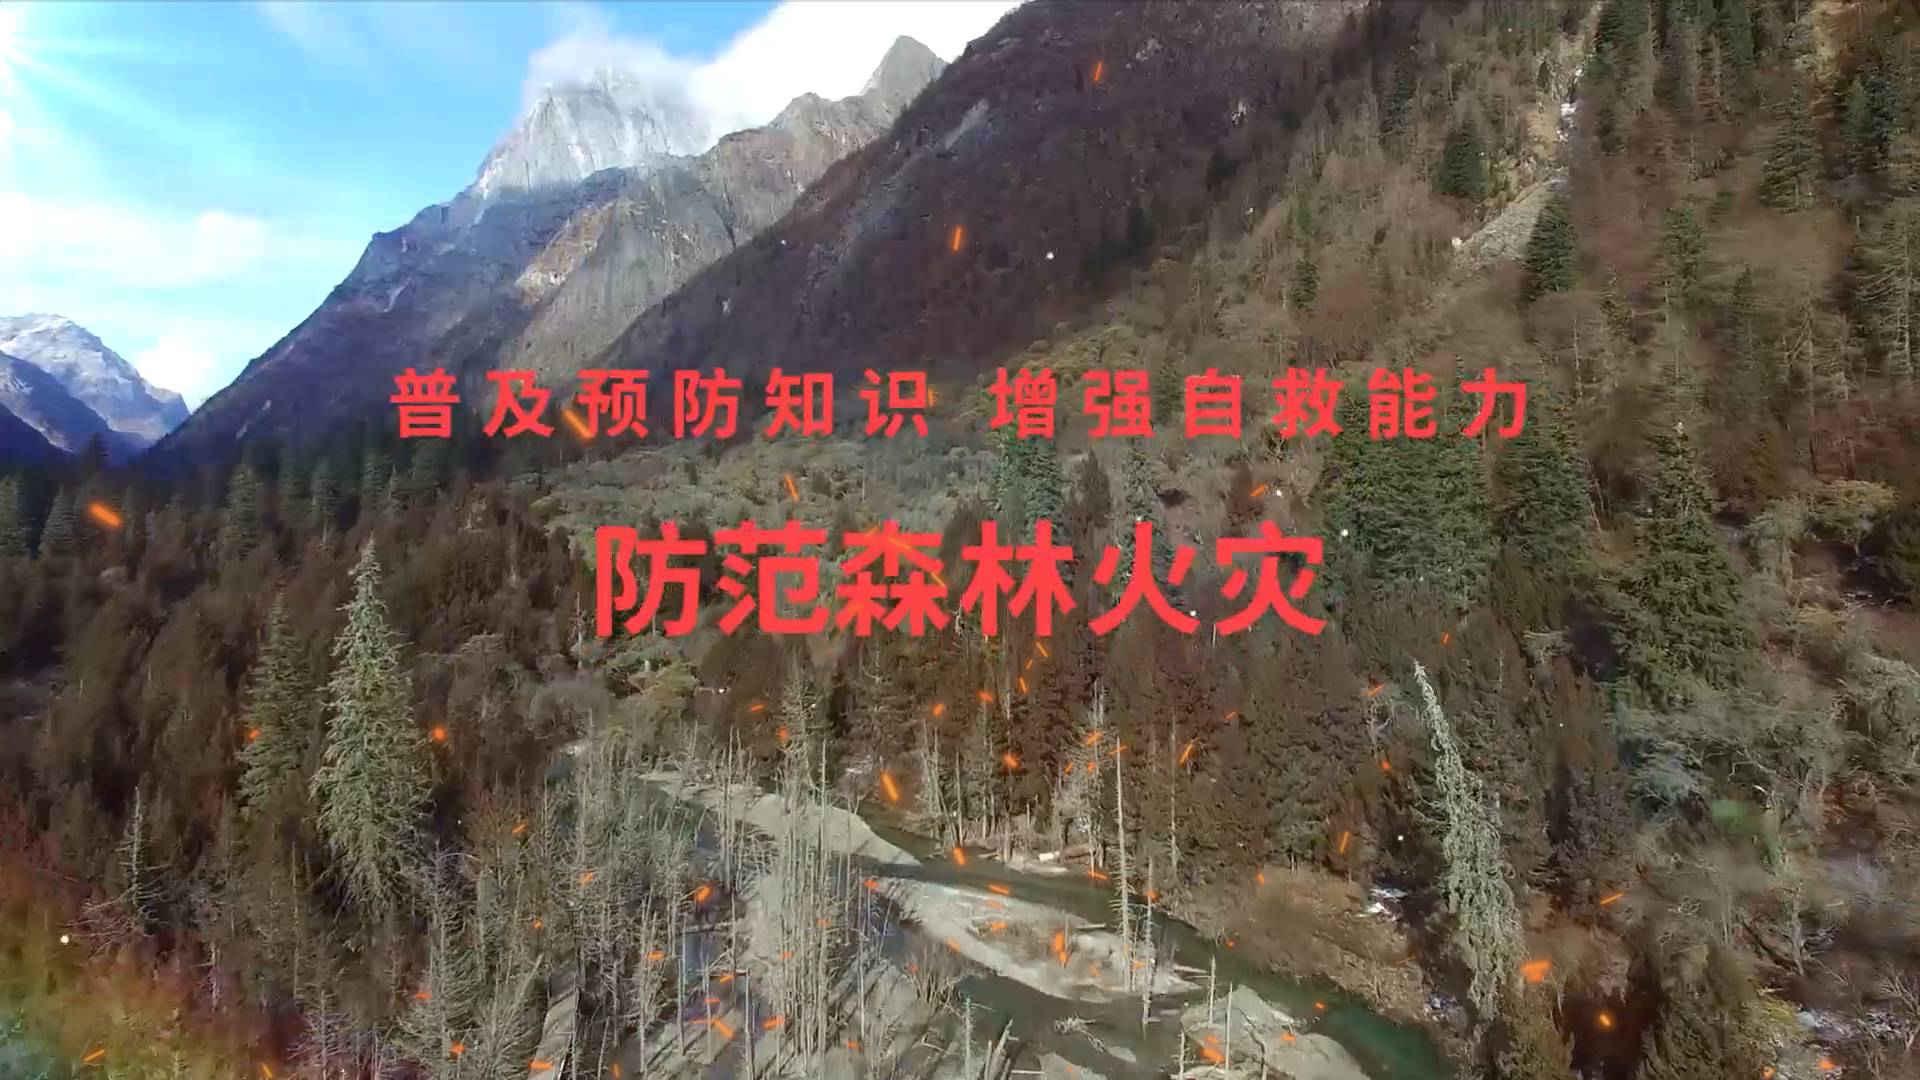 《应急在线》20201213: 防范森林火灾